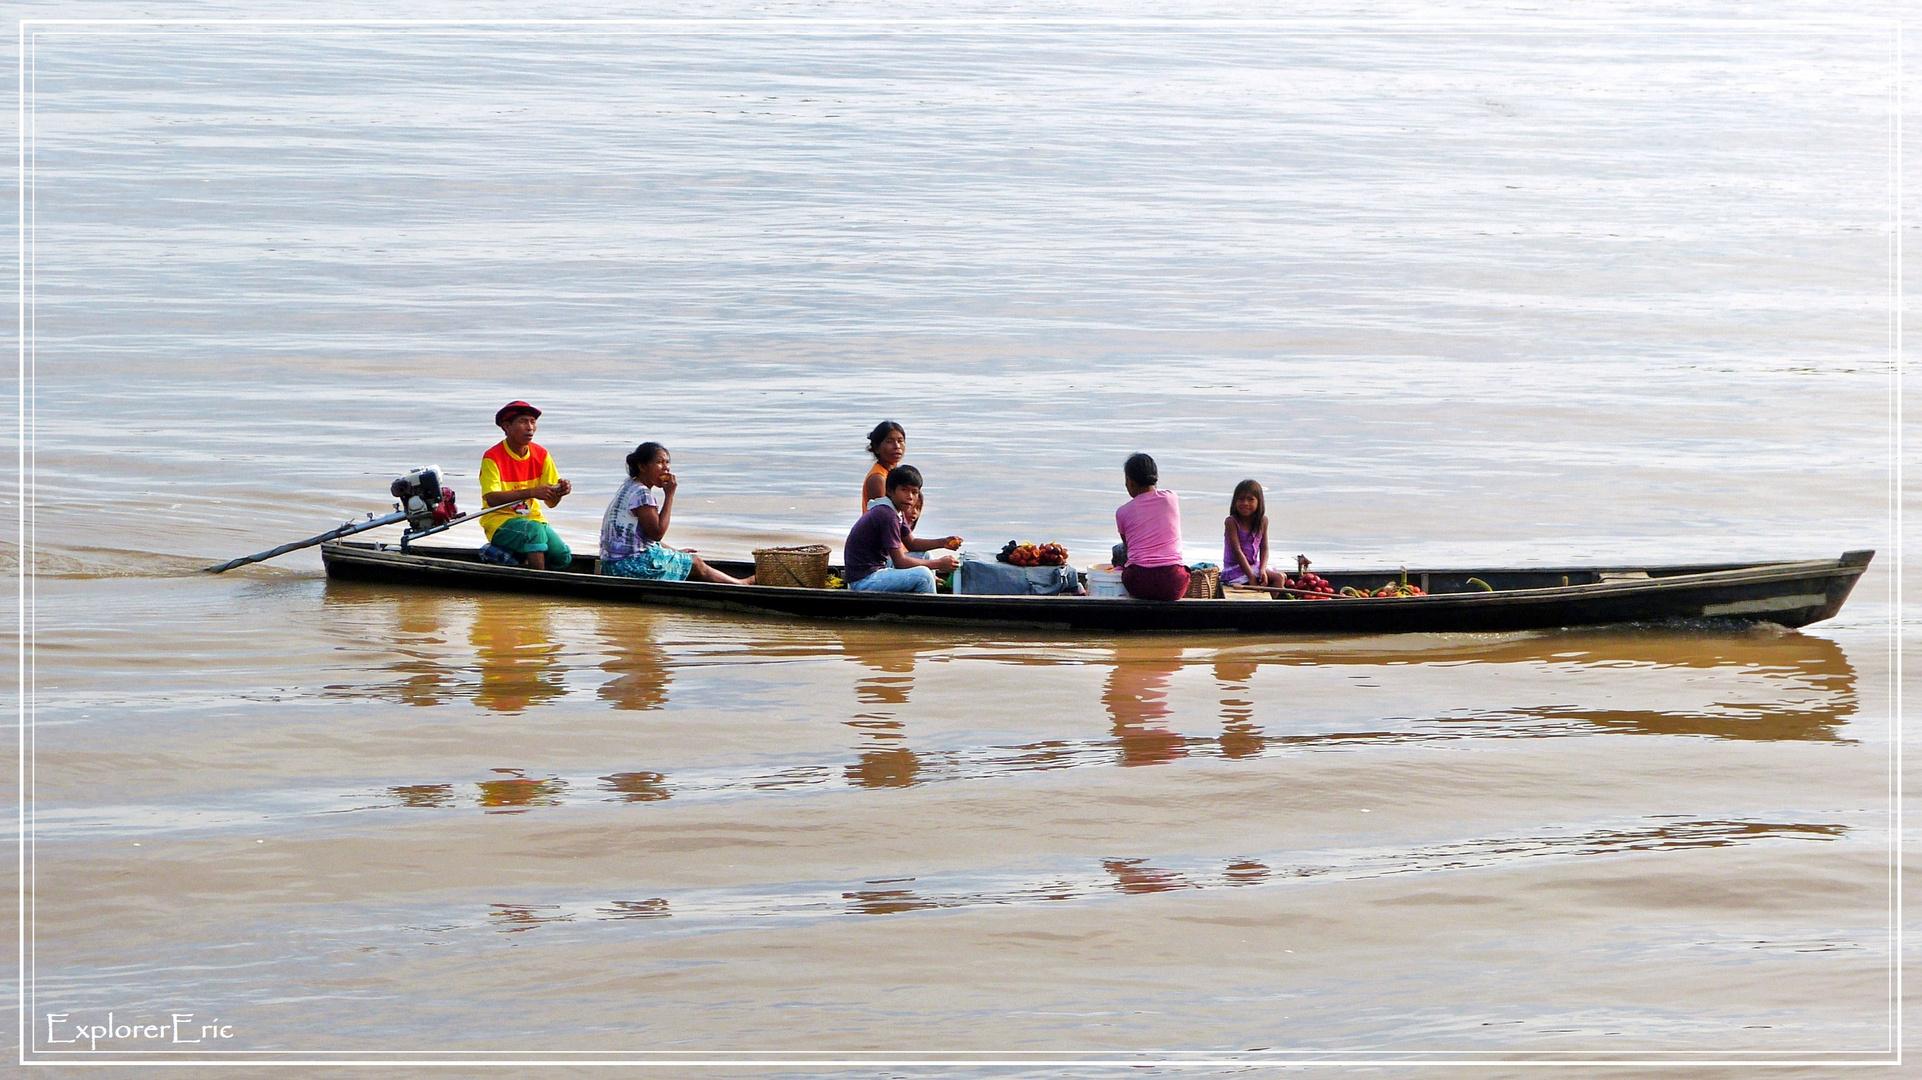 das ulimative Verkehrsmittel des Amazonas..............